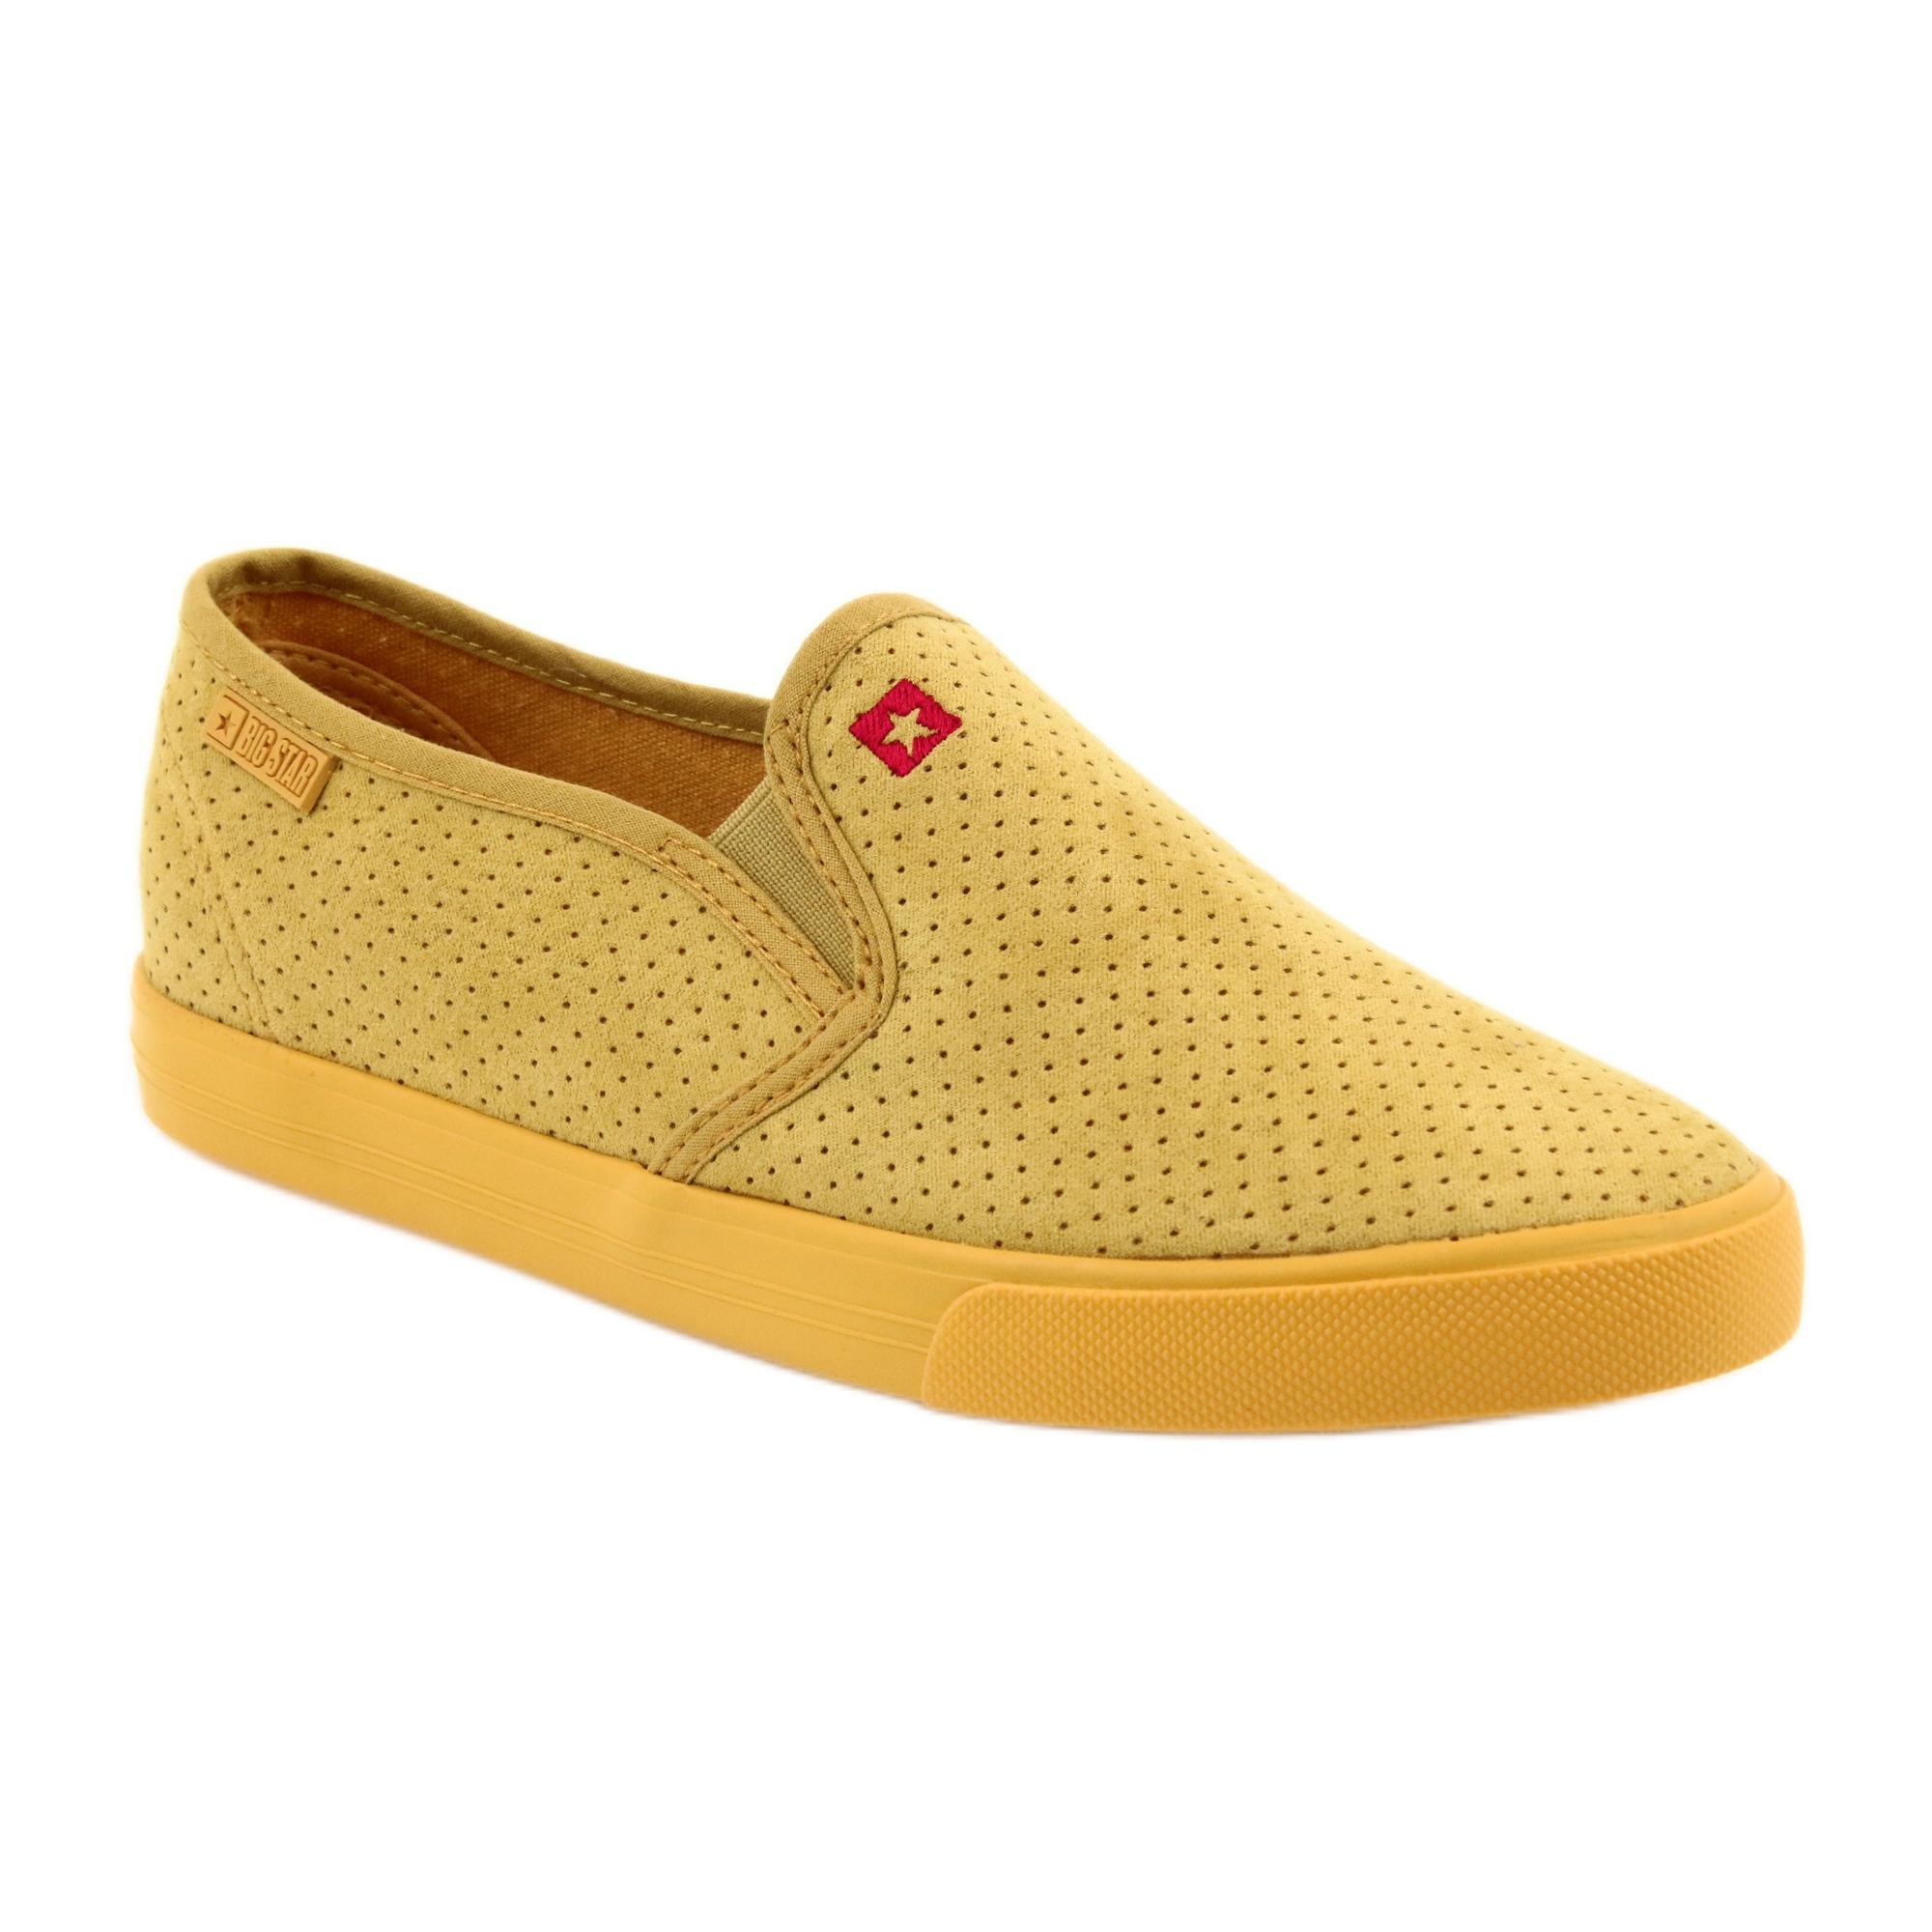 Big Star 274889 női cipők sárga